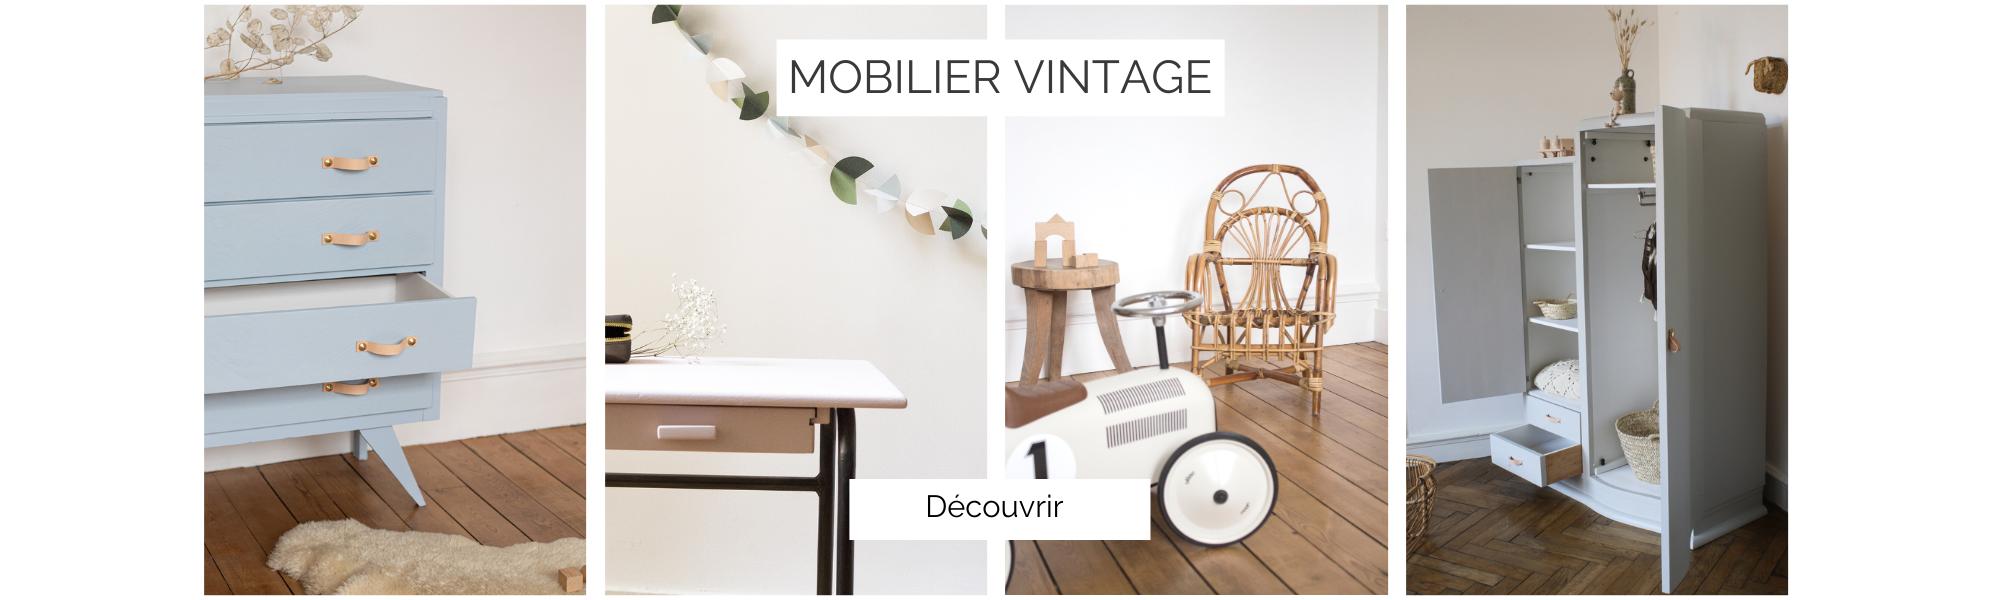 Mobilier vintage : armoire enfant, commode enfant, fauteuil en rotin enfant, bureau d'écolier vintage, restauré par Trendy Little